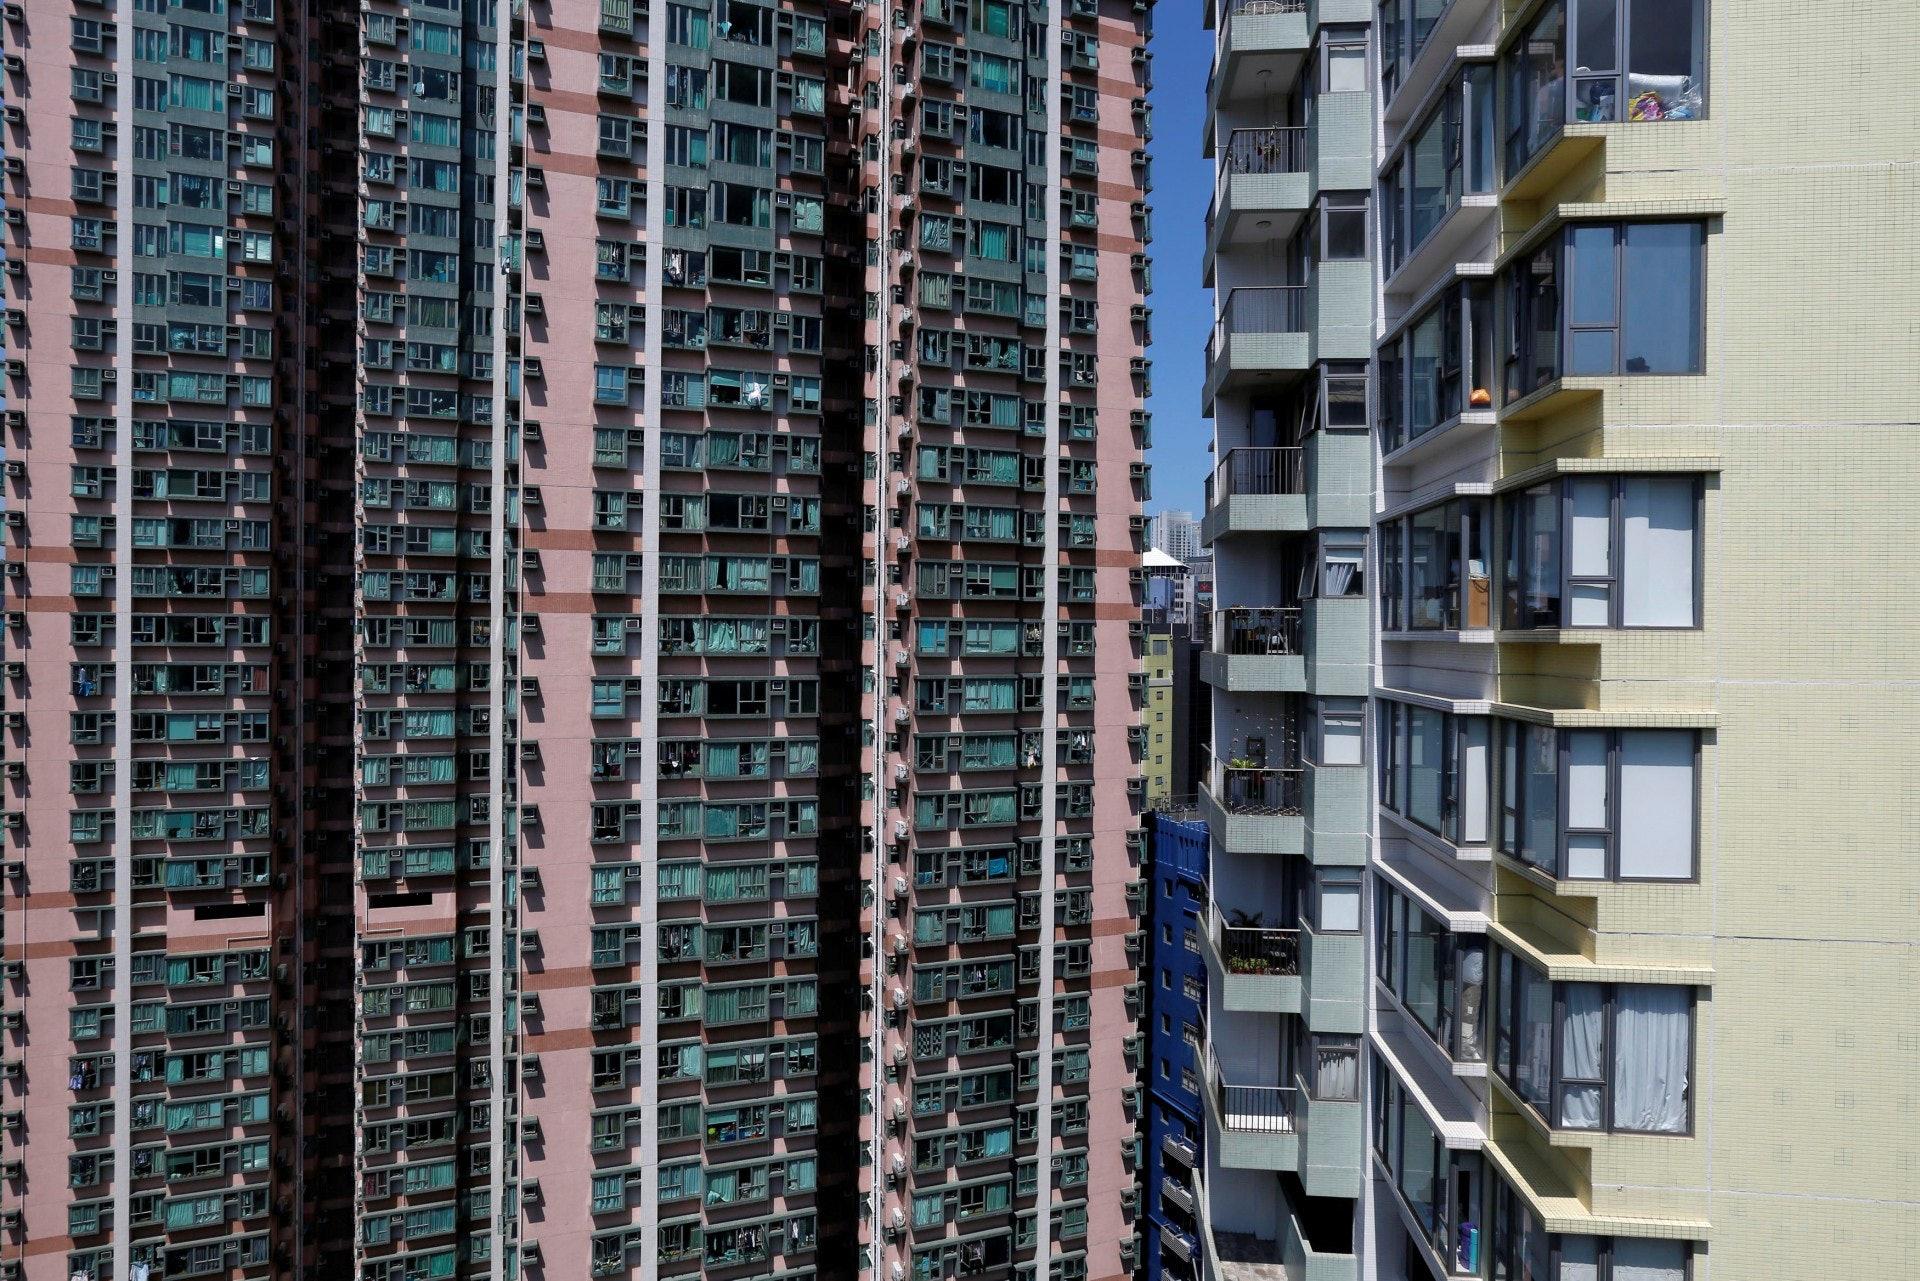 中小型住宅樓價在截至2月底的6個月間升6.9%,與往績相比相對溫和。﹙路透社﹚